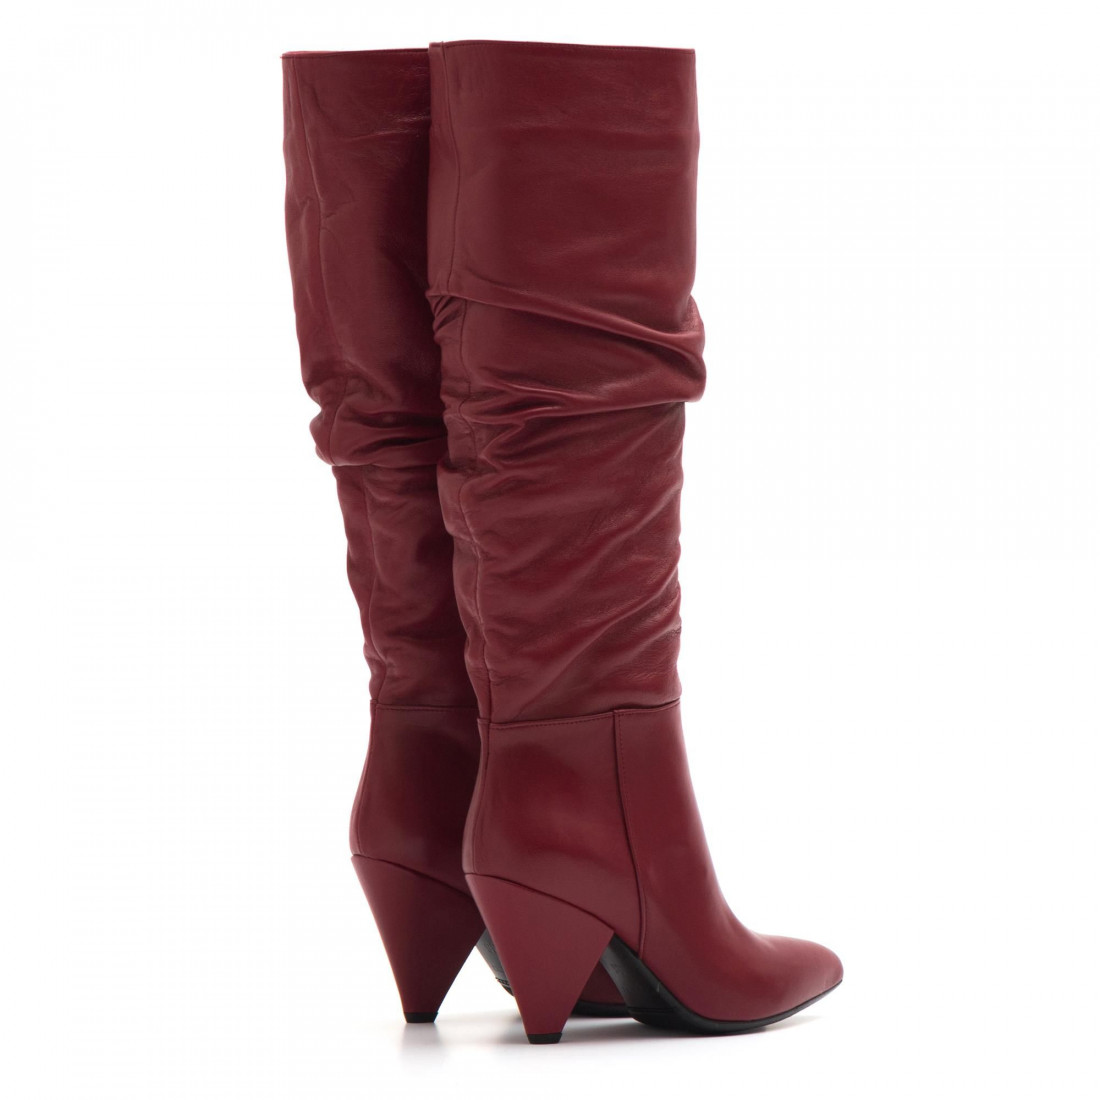 rivenditore di vendita scegli il più recente stili diversi Stivali rossi in pelle arricciata con tacco alto a cono